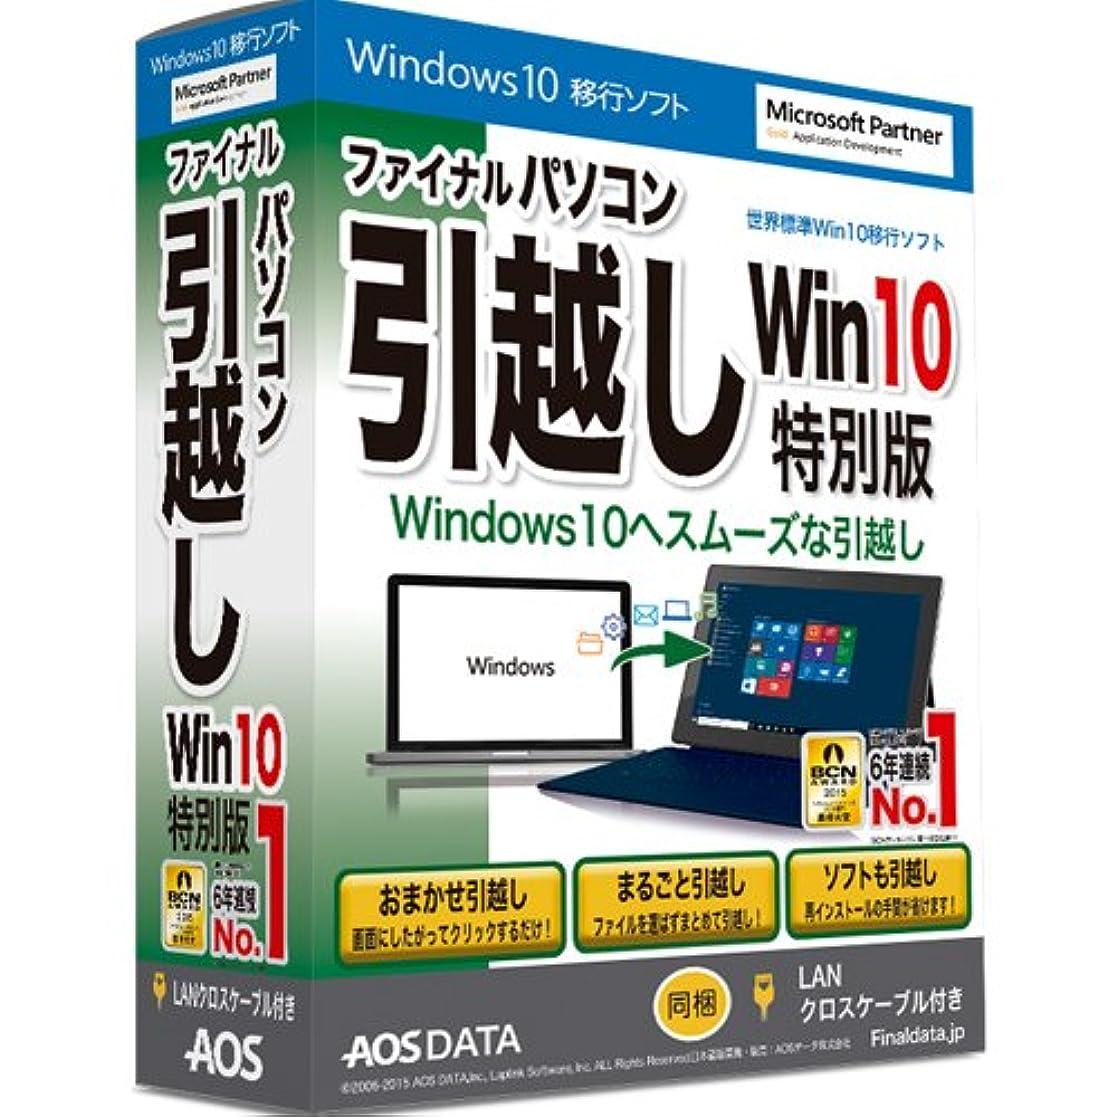 ジャケット多様なセットアップファイナルパソコン引越し Win10特別 LANクロスケーブル付